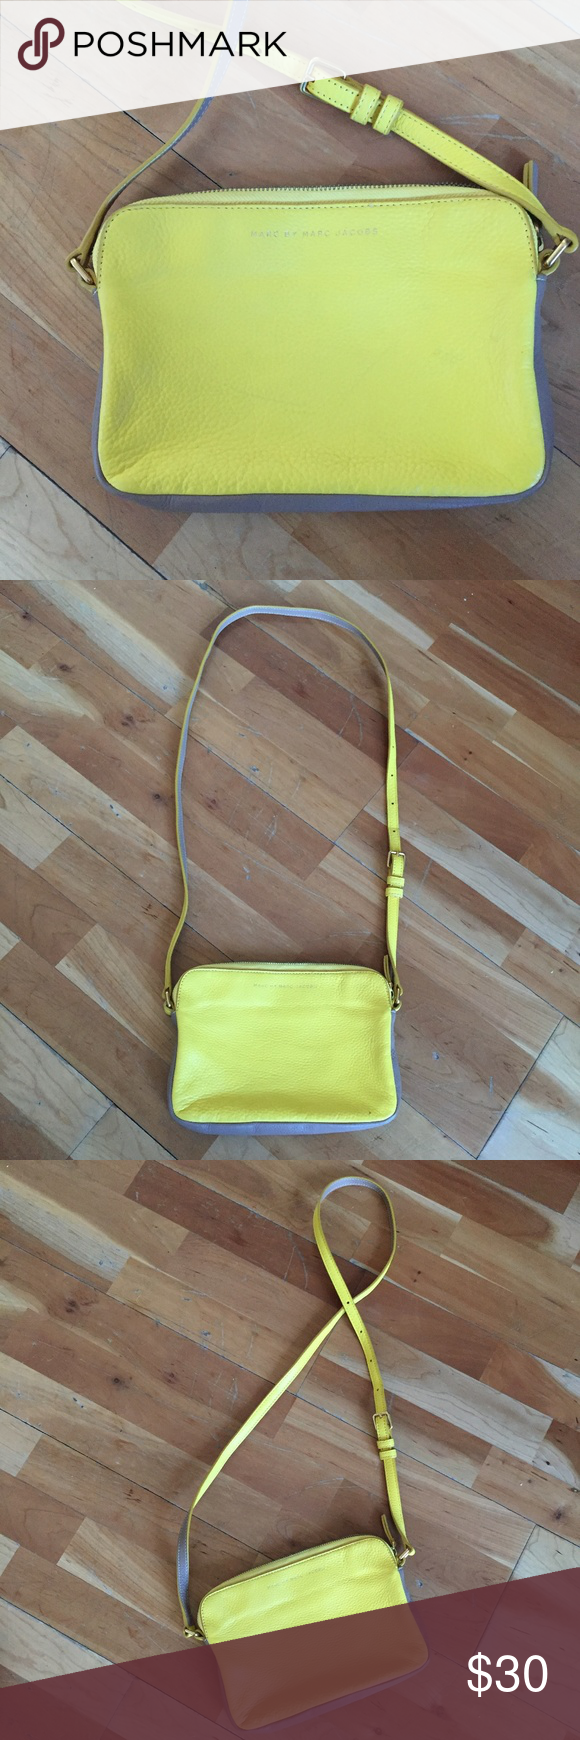 d235ecfe9ba MARC BY MARC JACOBS Crossbody Bag, Khaki Yellow Minimalist